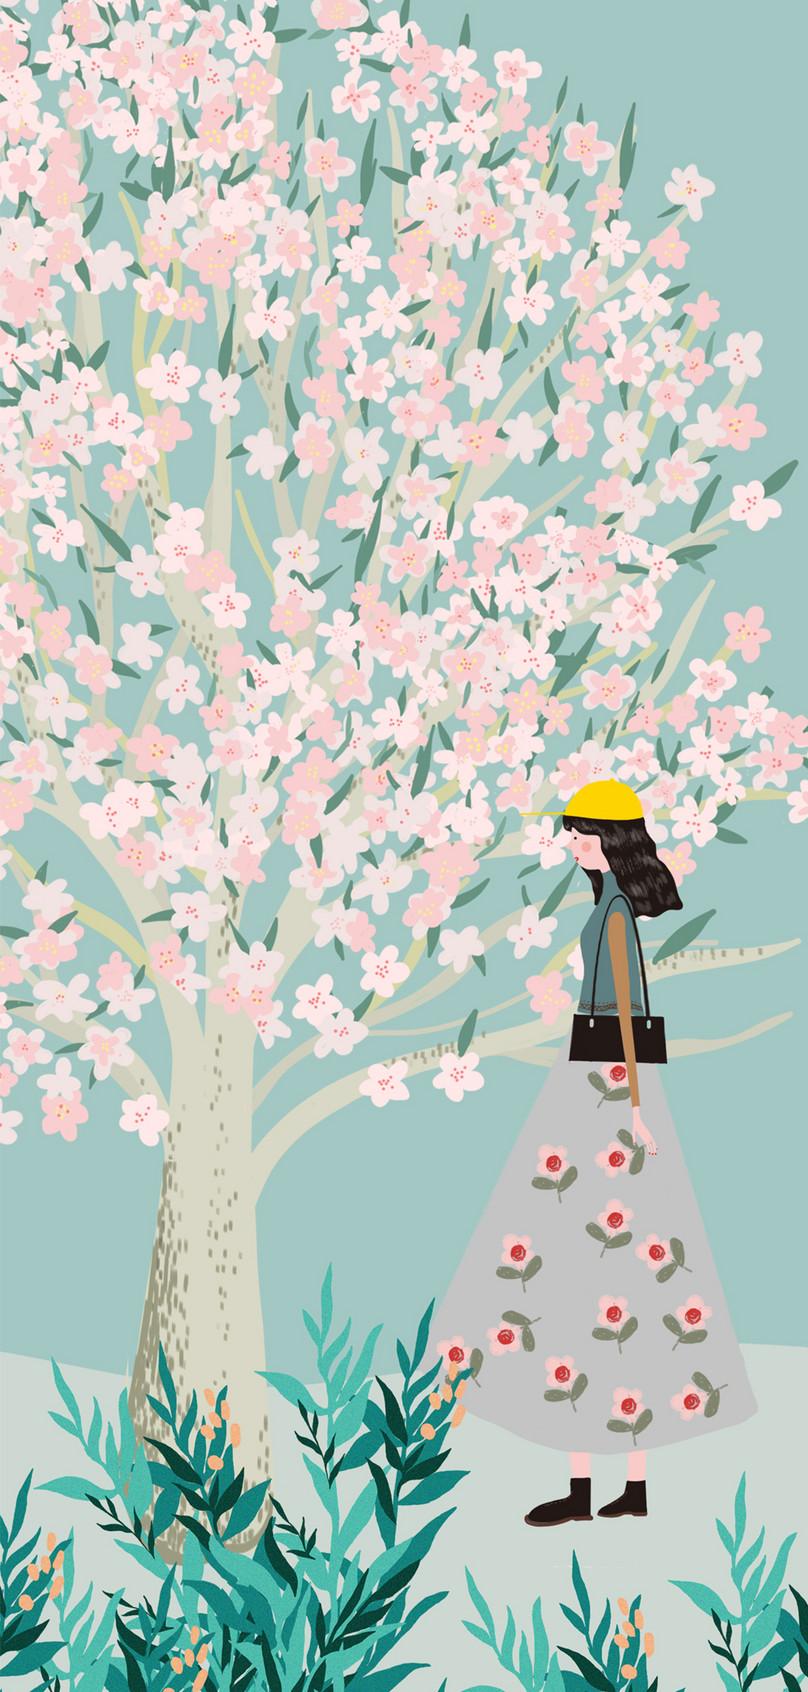 Wallpaper Ponsel Wanita Di Bawah Pohon Gambar Unduh Gratis